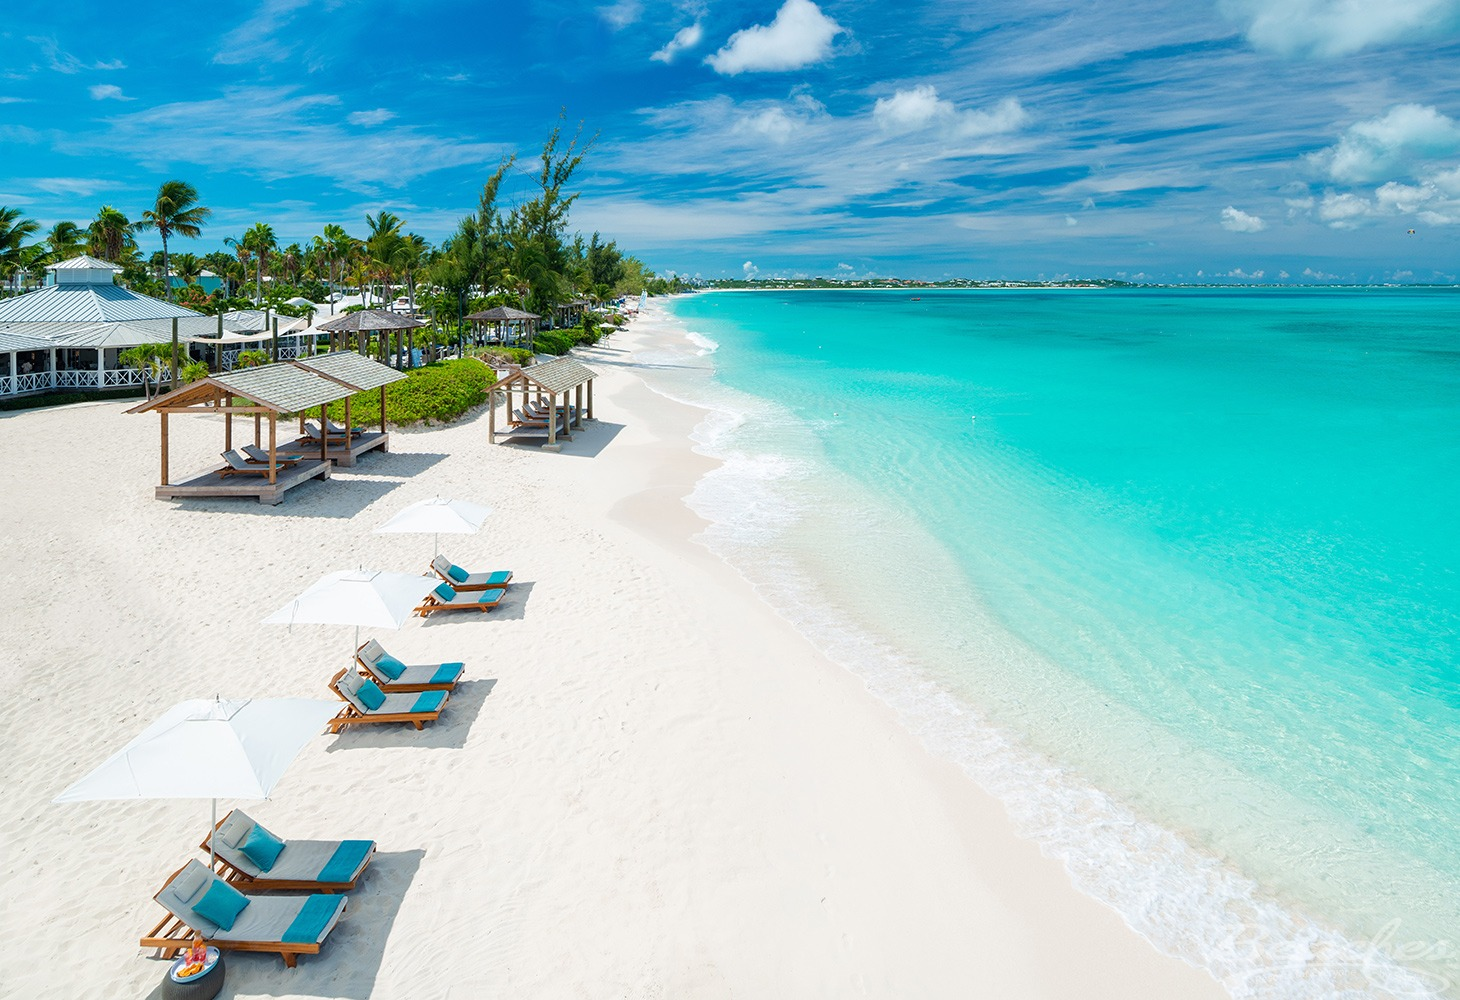 High Quality Turks And Caicos Islands Webcam